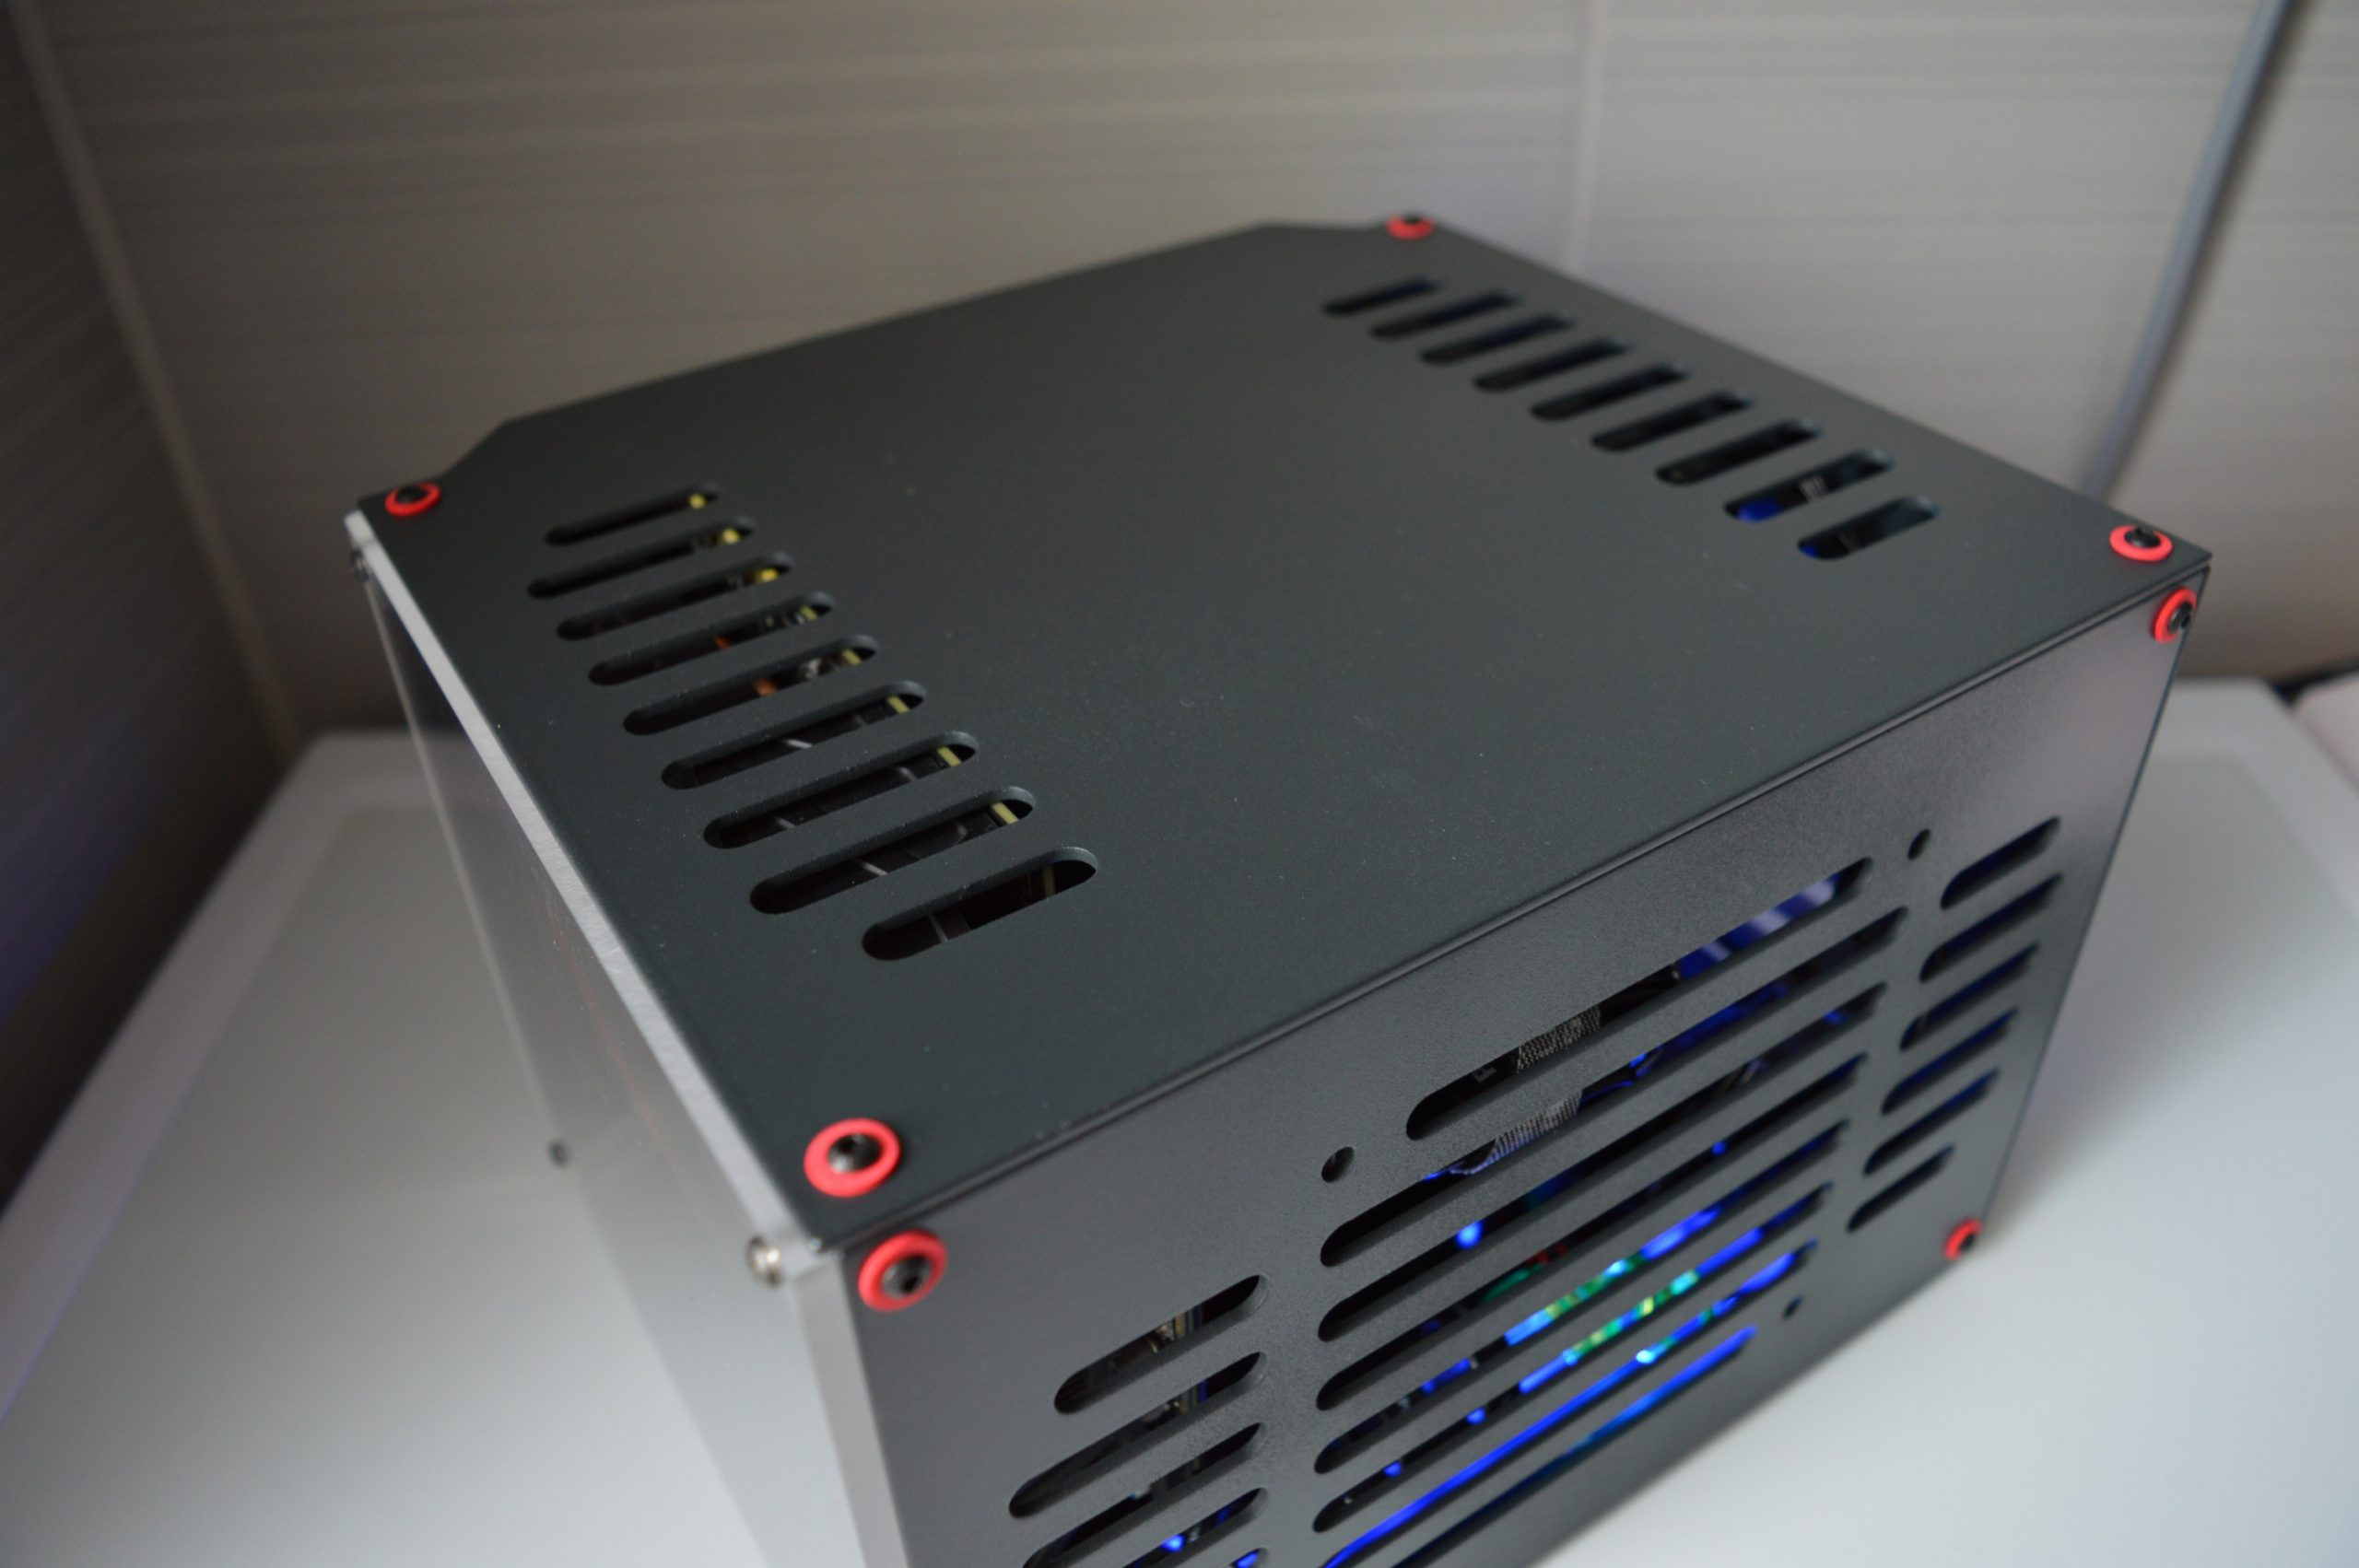 GTX 1070 RGB 18